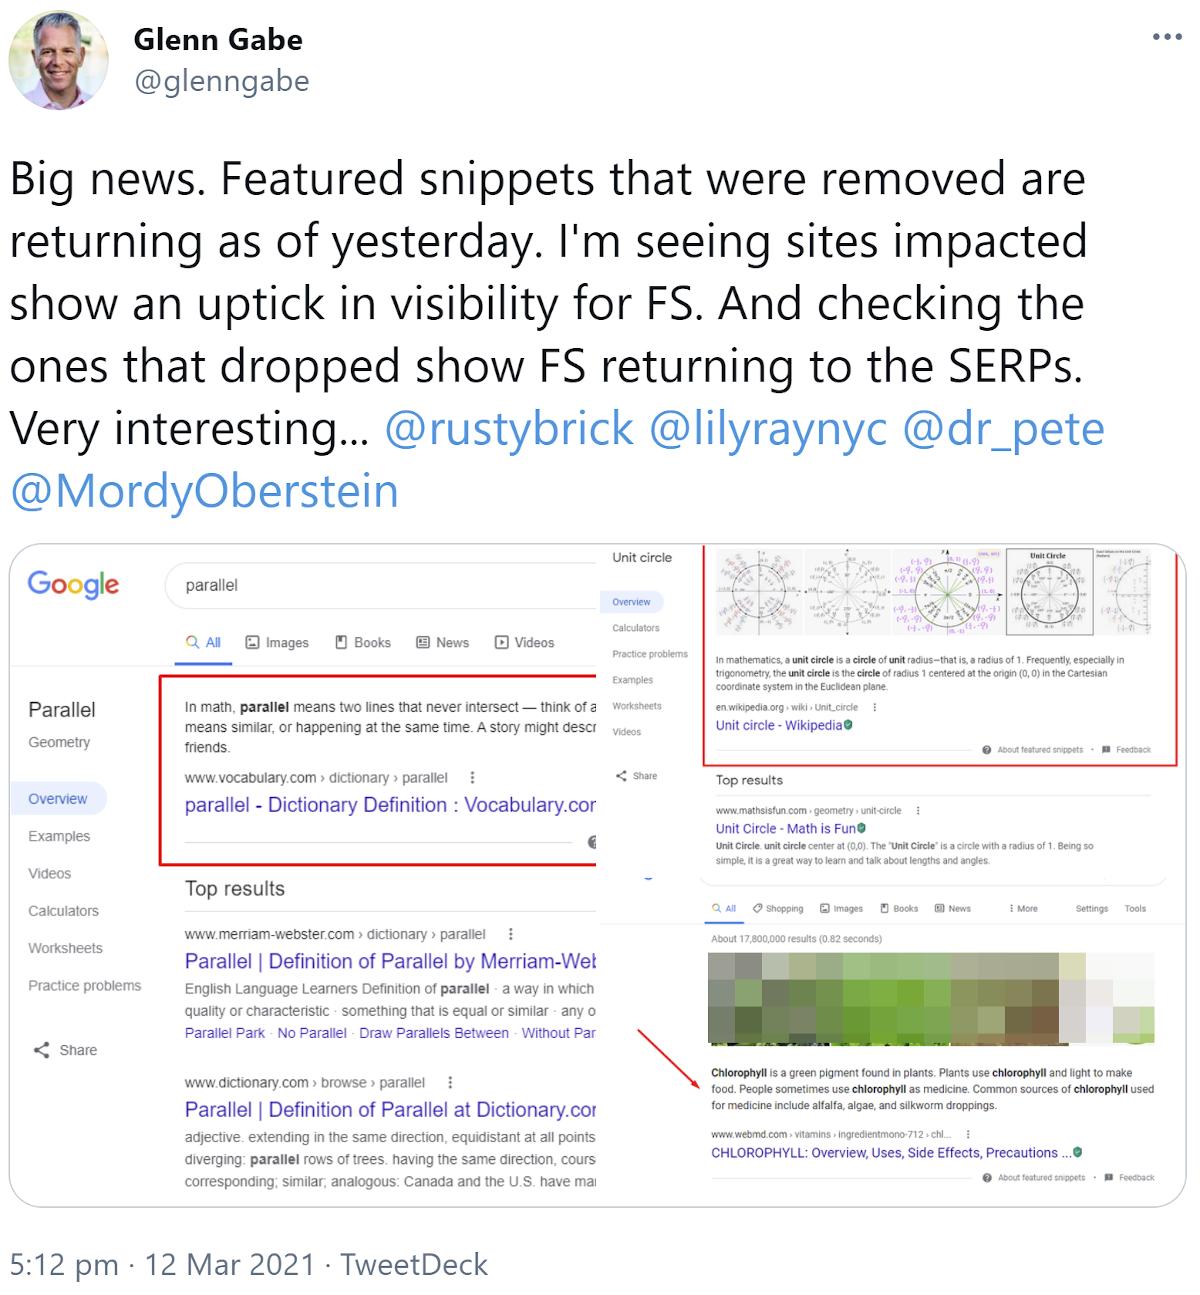 Google présente à nouveau des extraits de texte en vedette